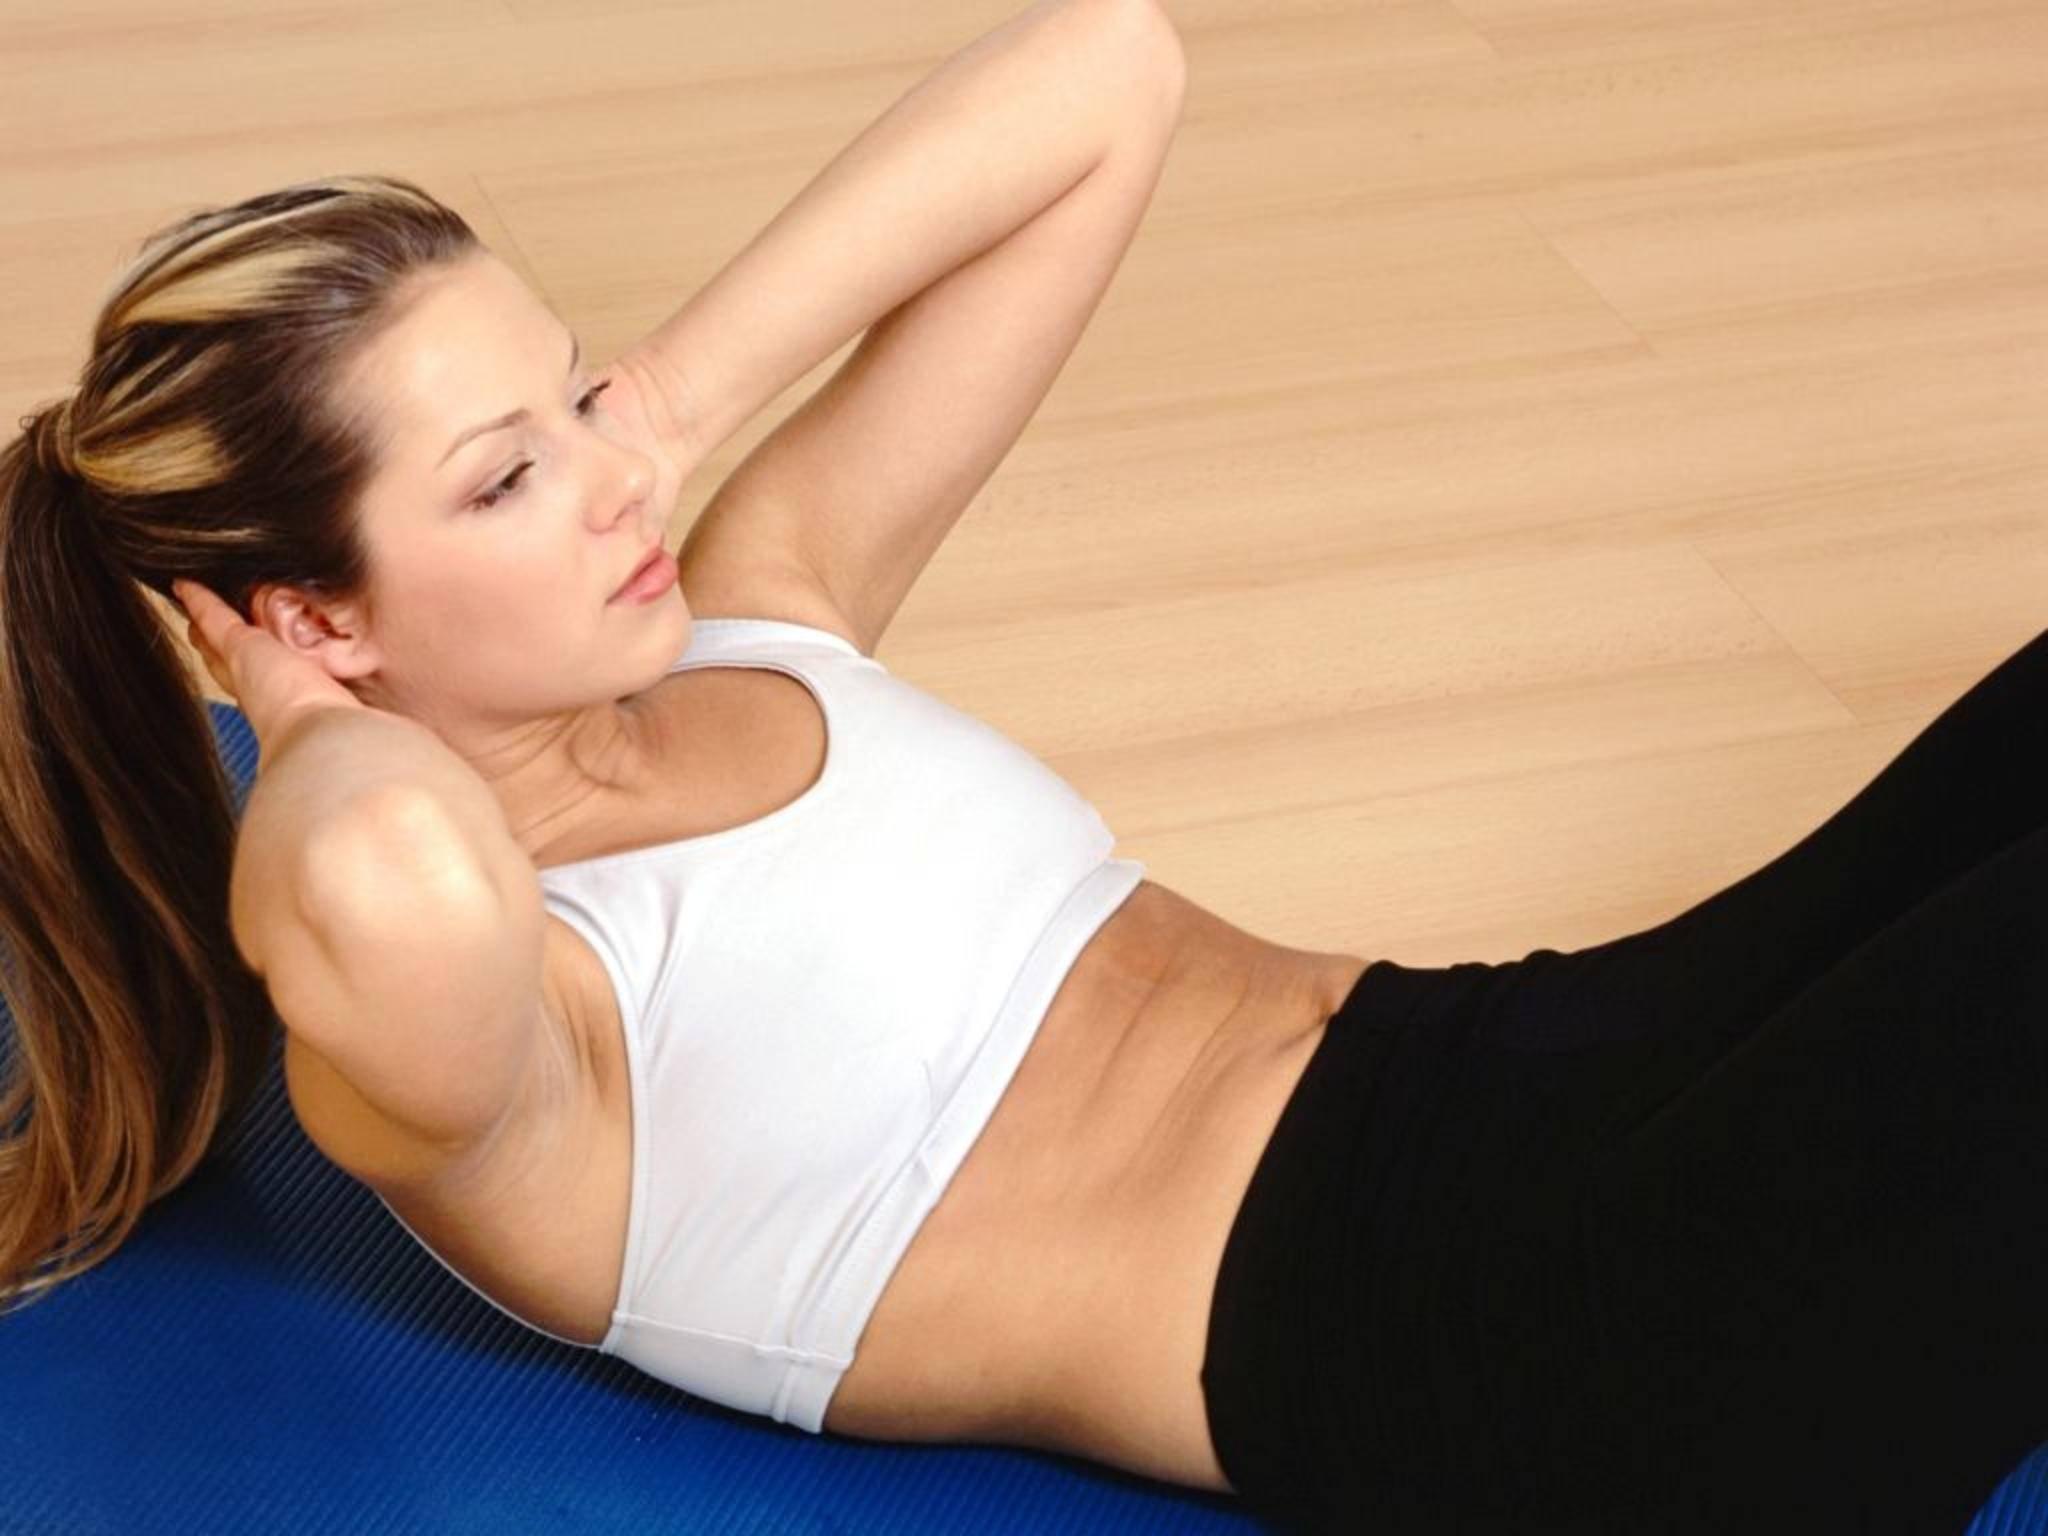 Ein bionischer BH soll das Sporttreiben für Frauen noch angenehmer machen.